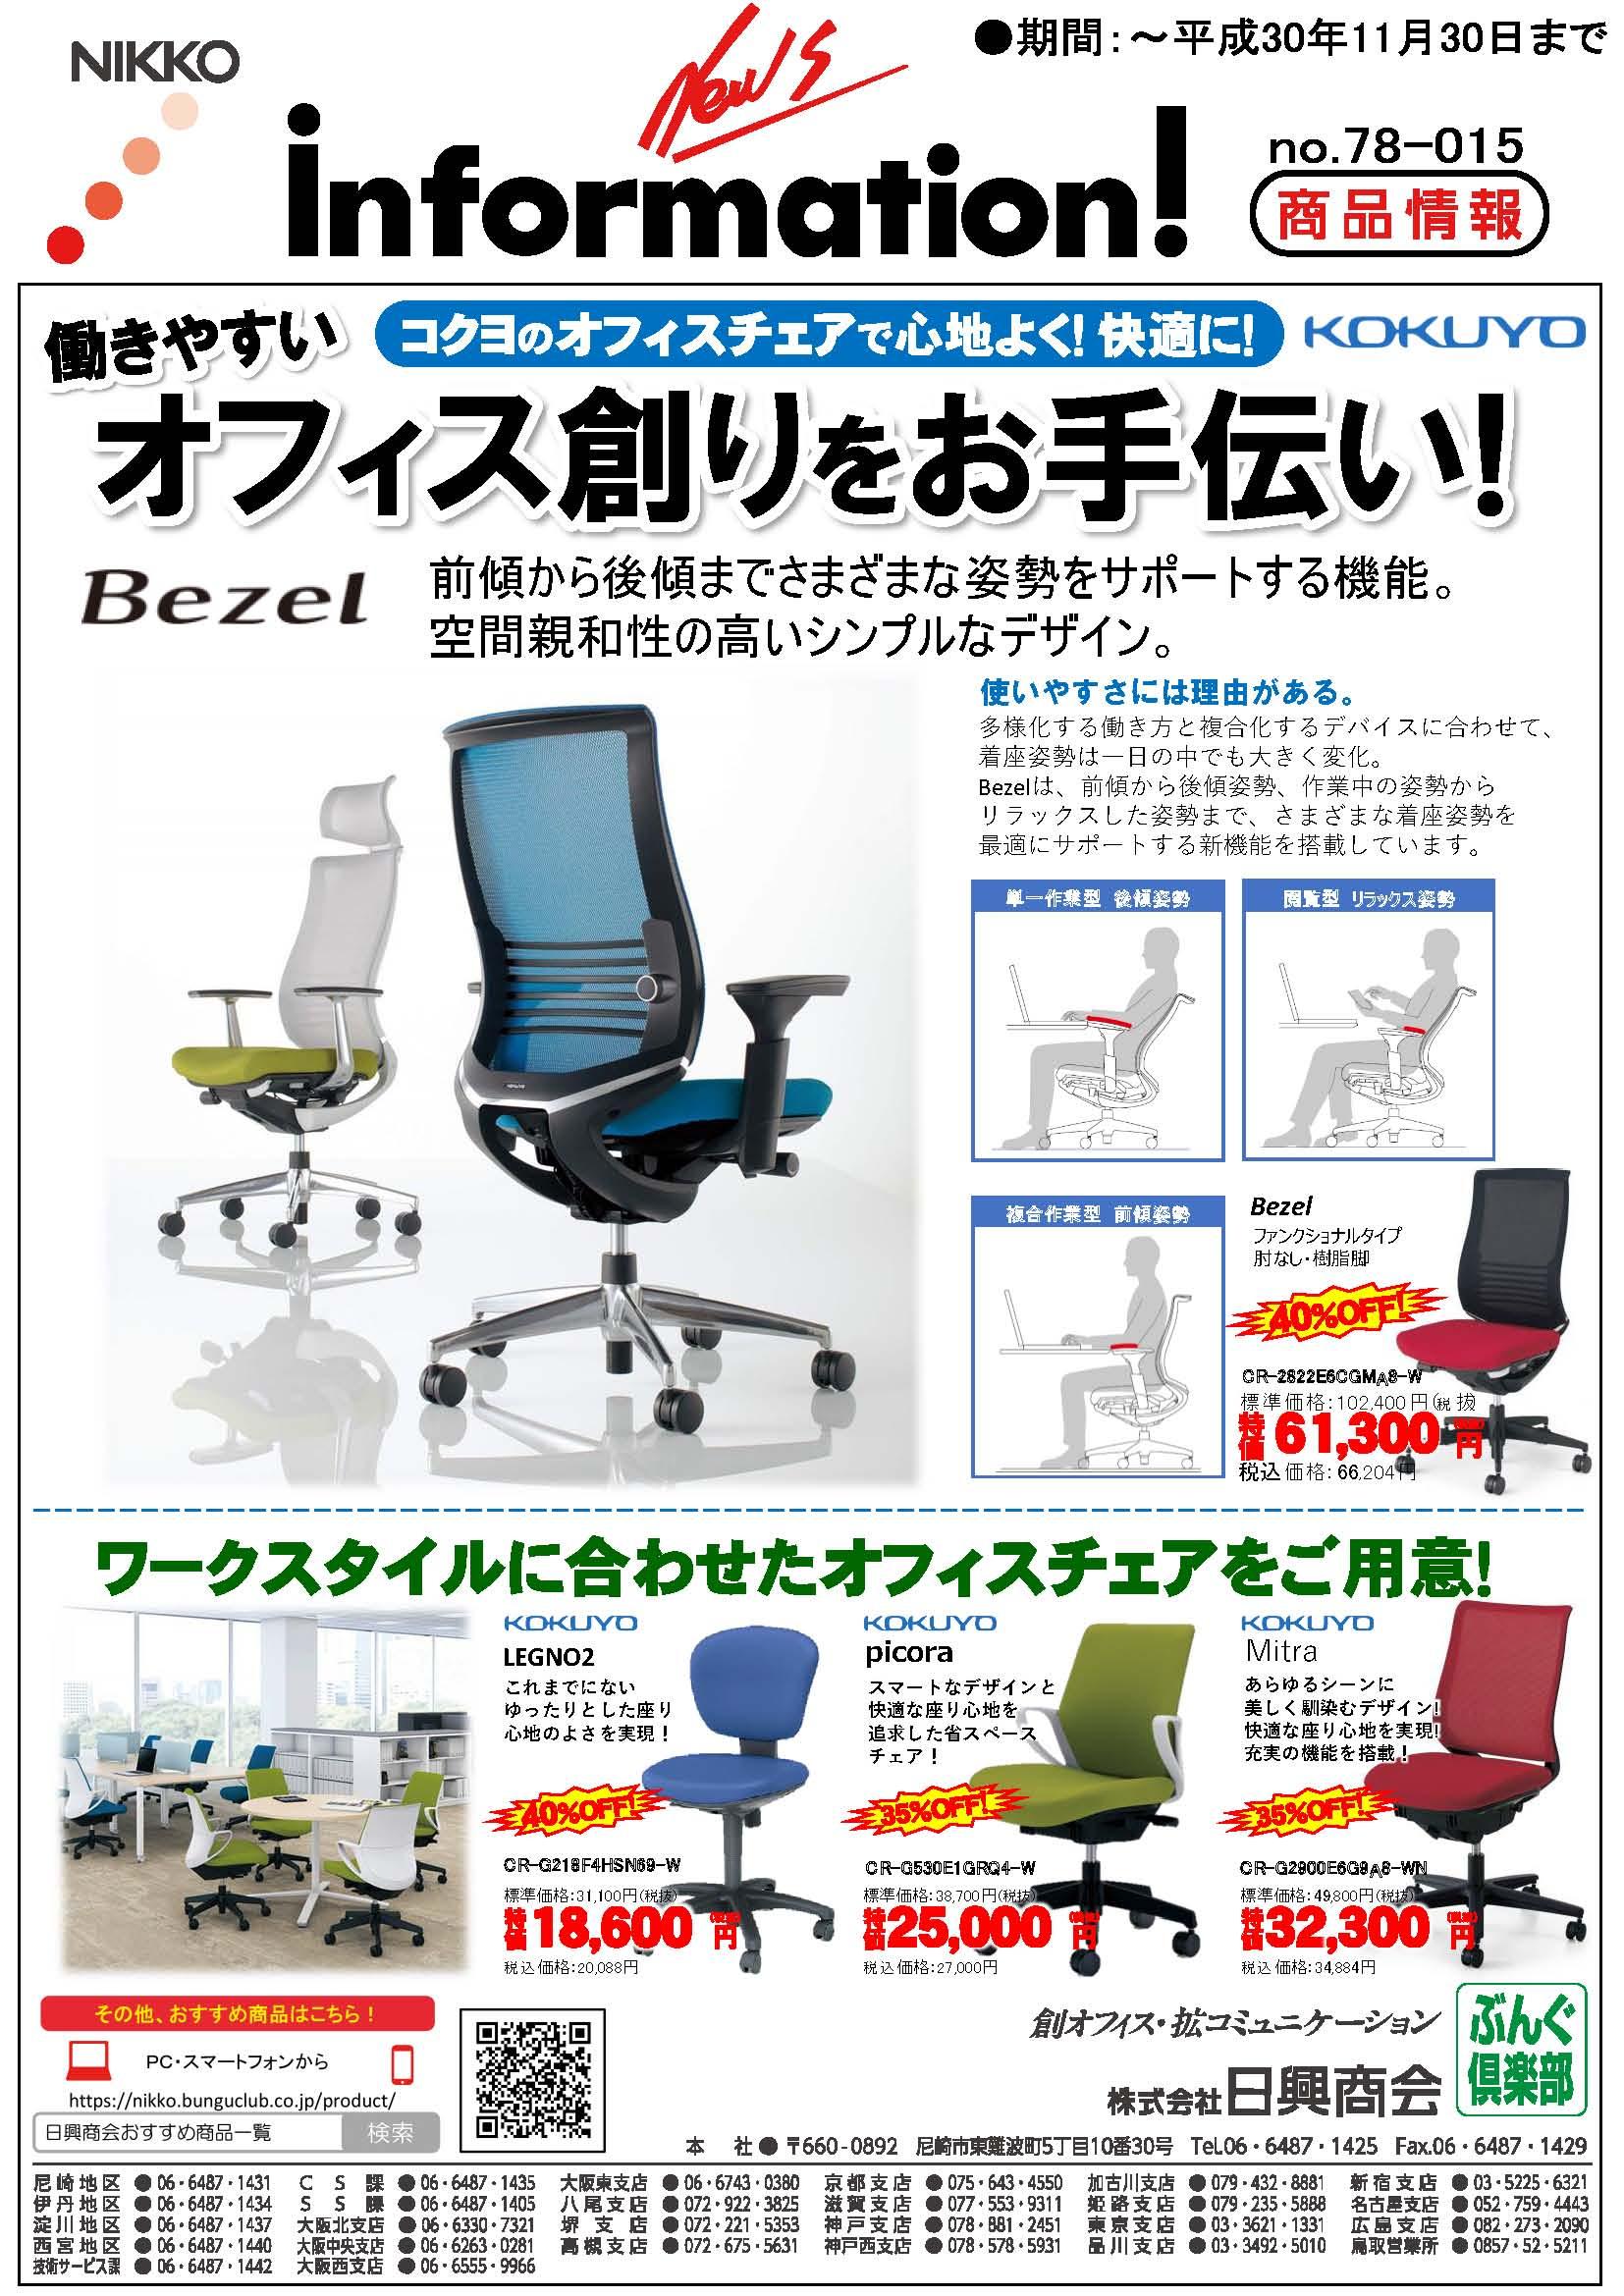 78-015kokuyo_chair